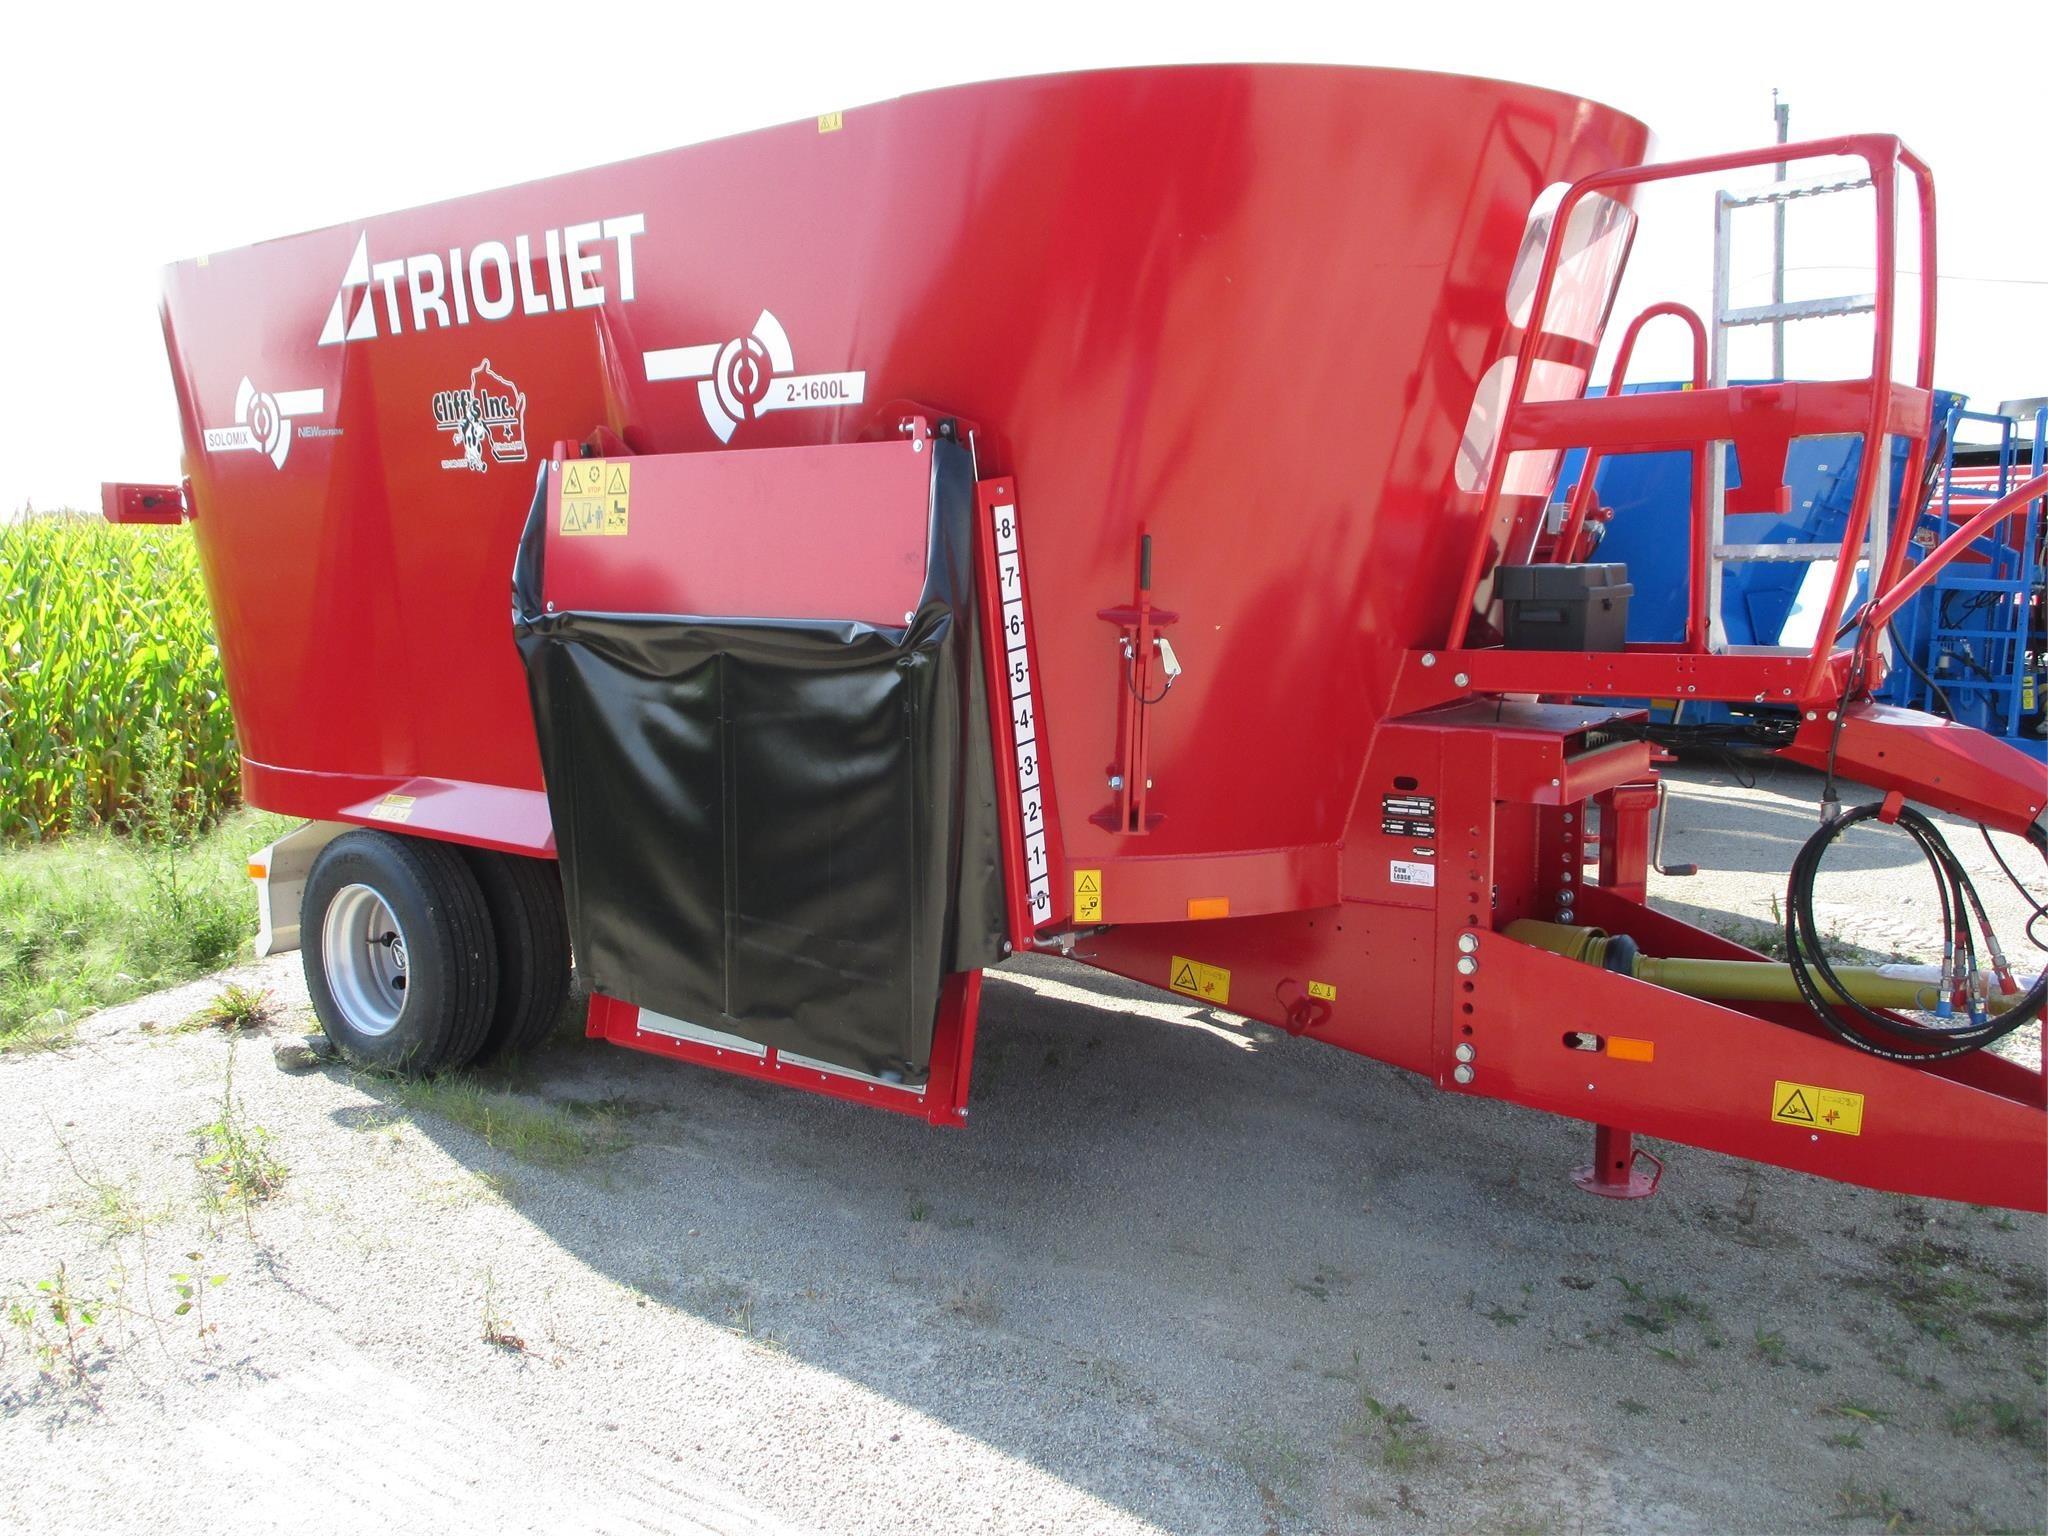 Trioliet Solomix 2-1600ZK Grinders and Mixer